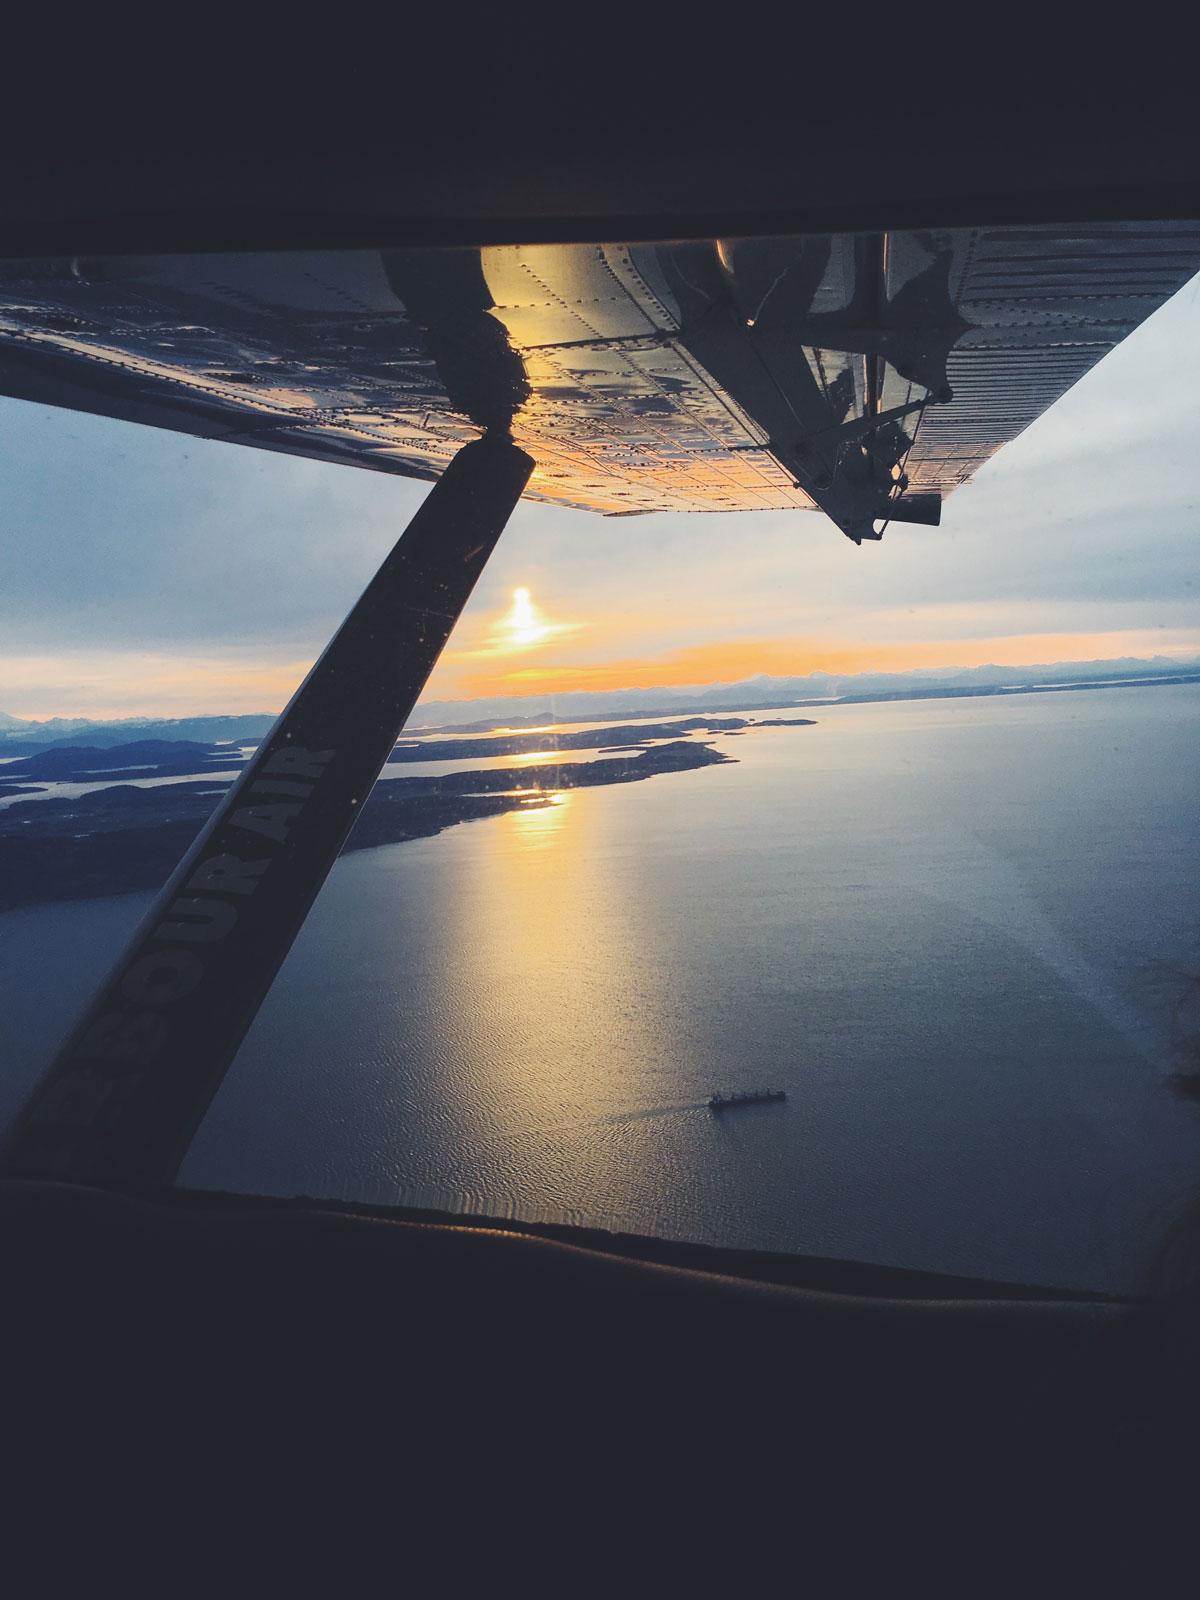 Flug mit einem Wasserflugzeug nach Vancouver